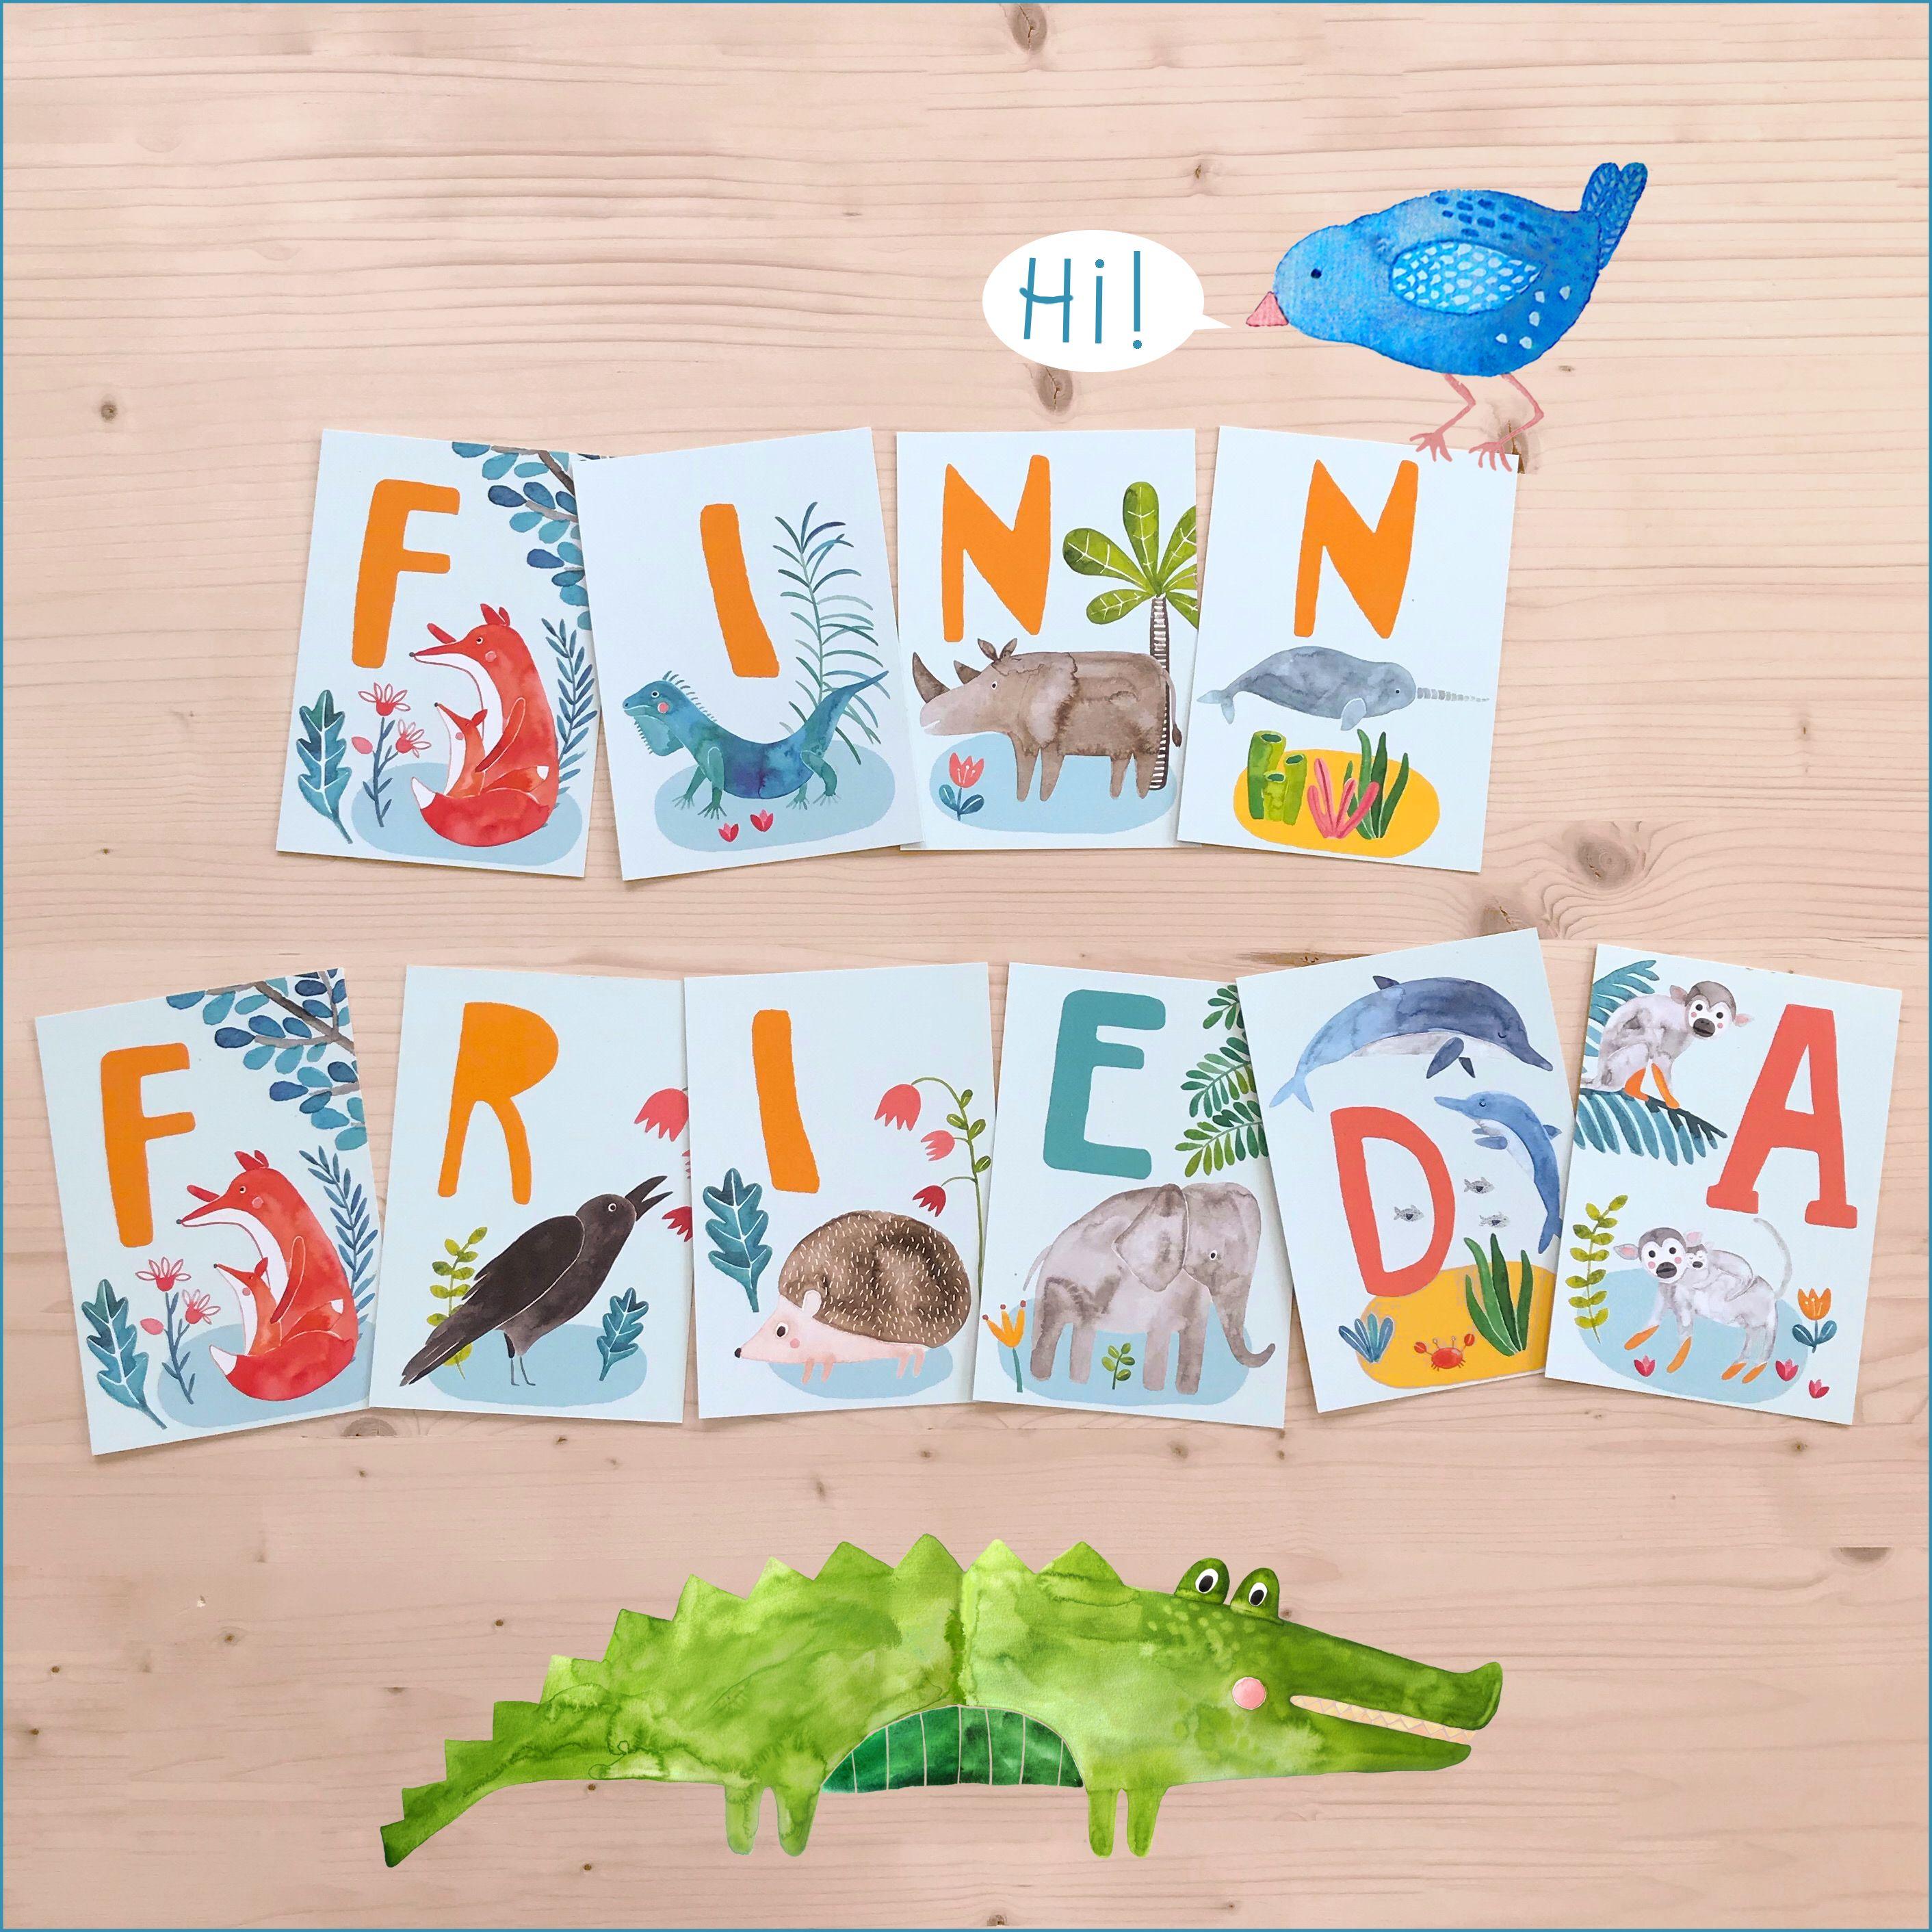 Abc Karten Finn Frieda In 2020 Abc Karten Abc Der Tiere